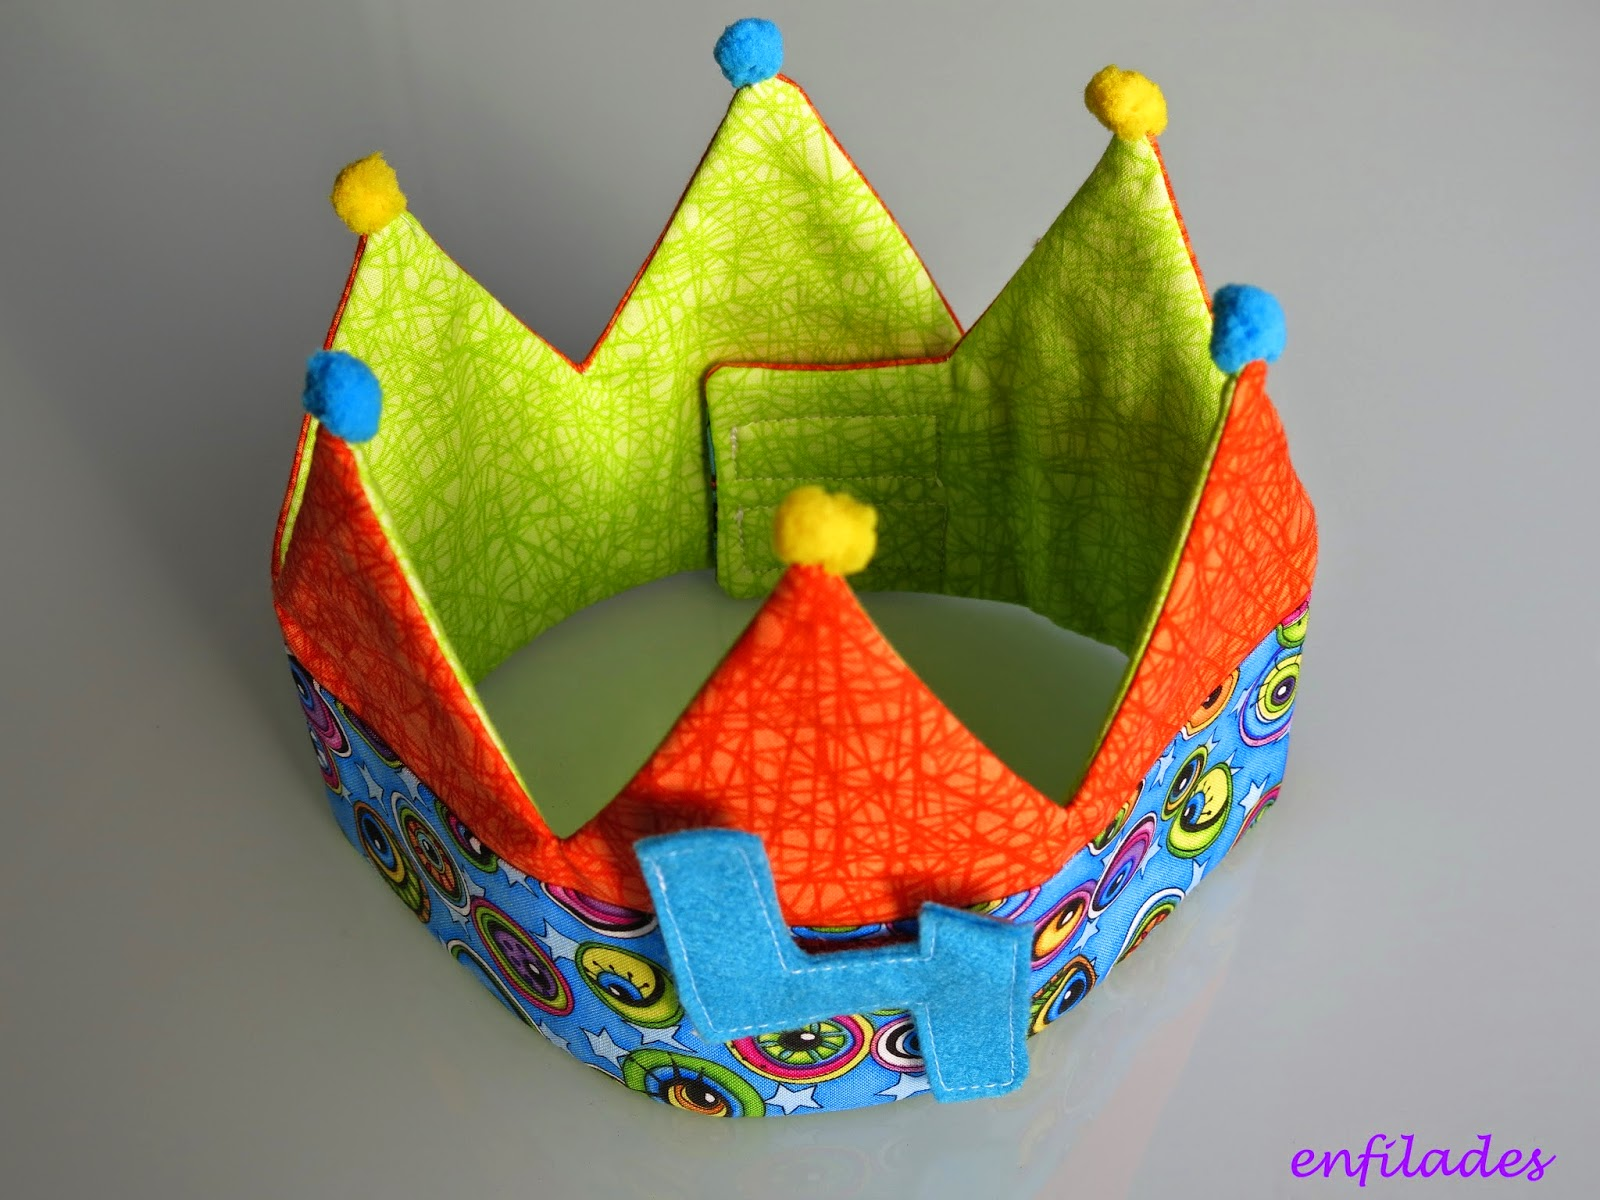 corona d'aniversari Enfilades - cucades personalitzades fetes a mà